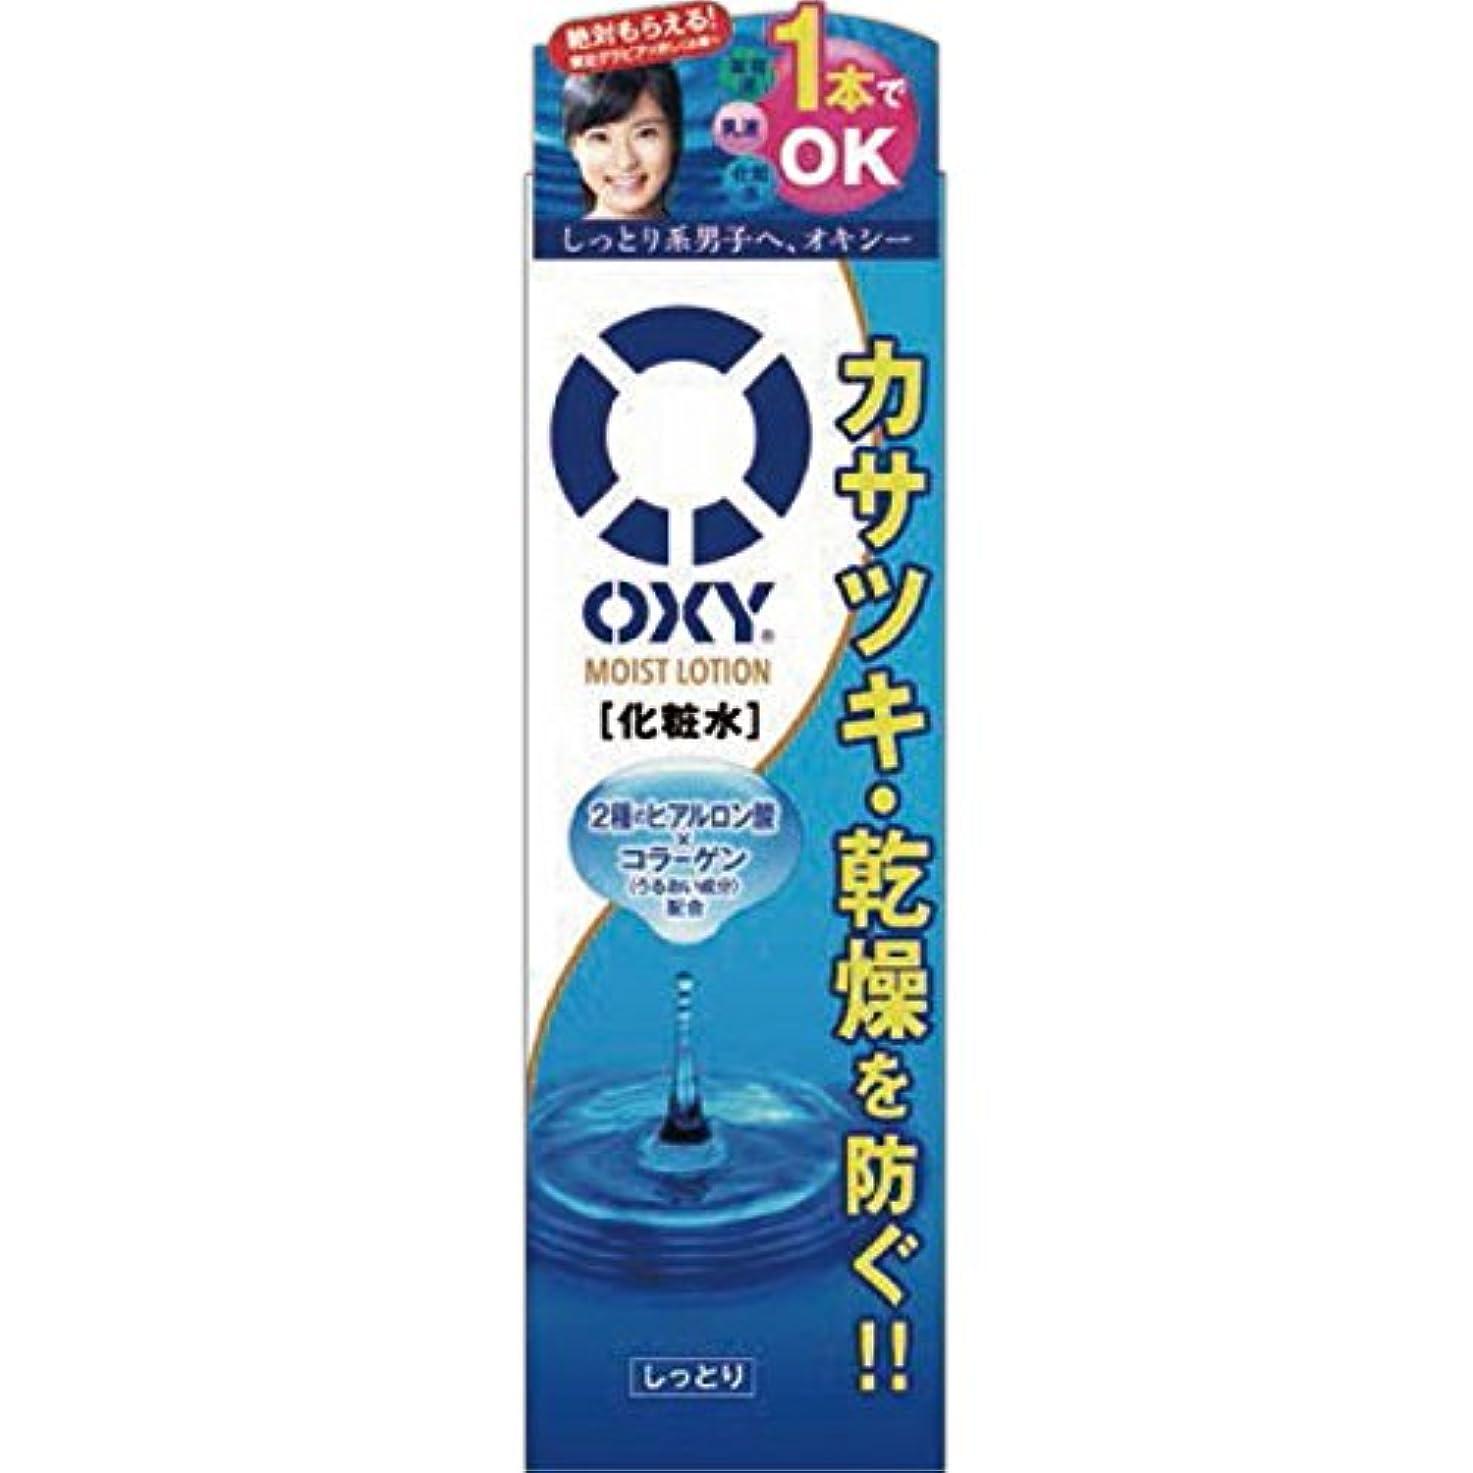 オフェンス指導する主権者オキシー (Oxy) モイストローション オールインワン化粧水 2種のヒアルロン酸×コラーゲン配合 ゼラニウムの香 170mL